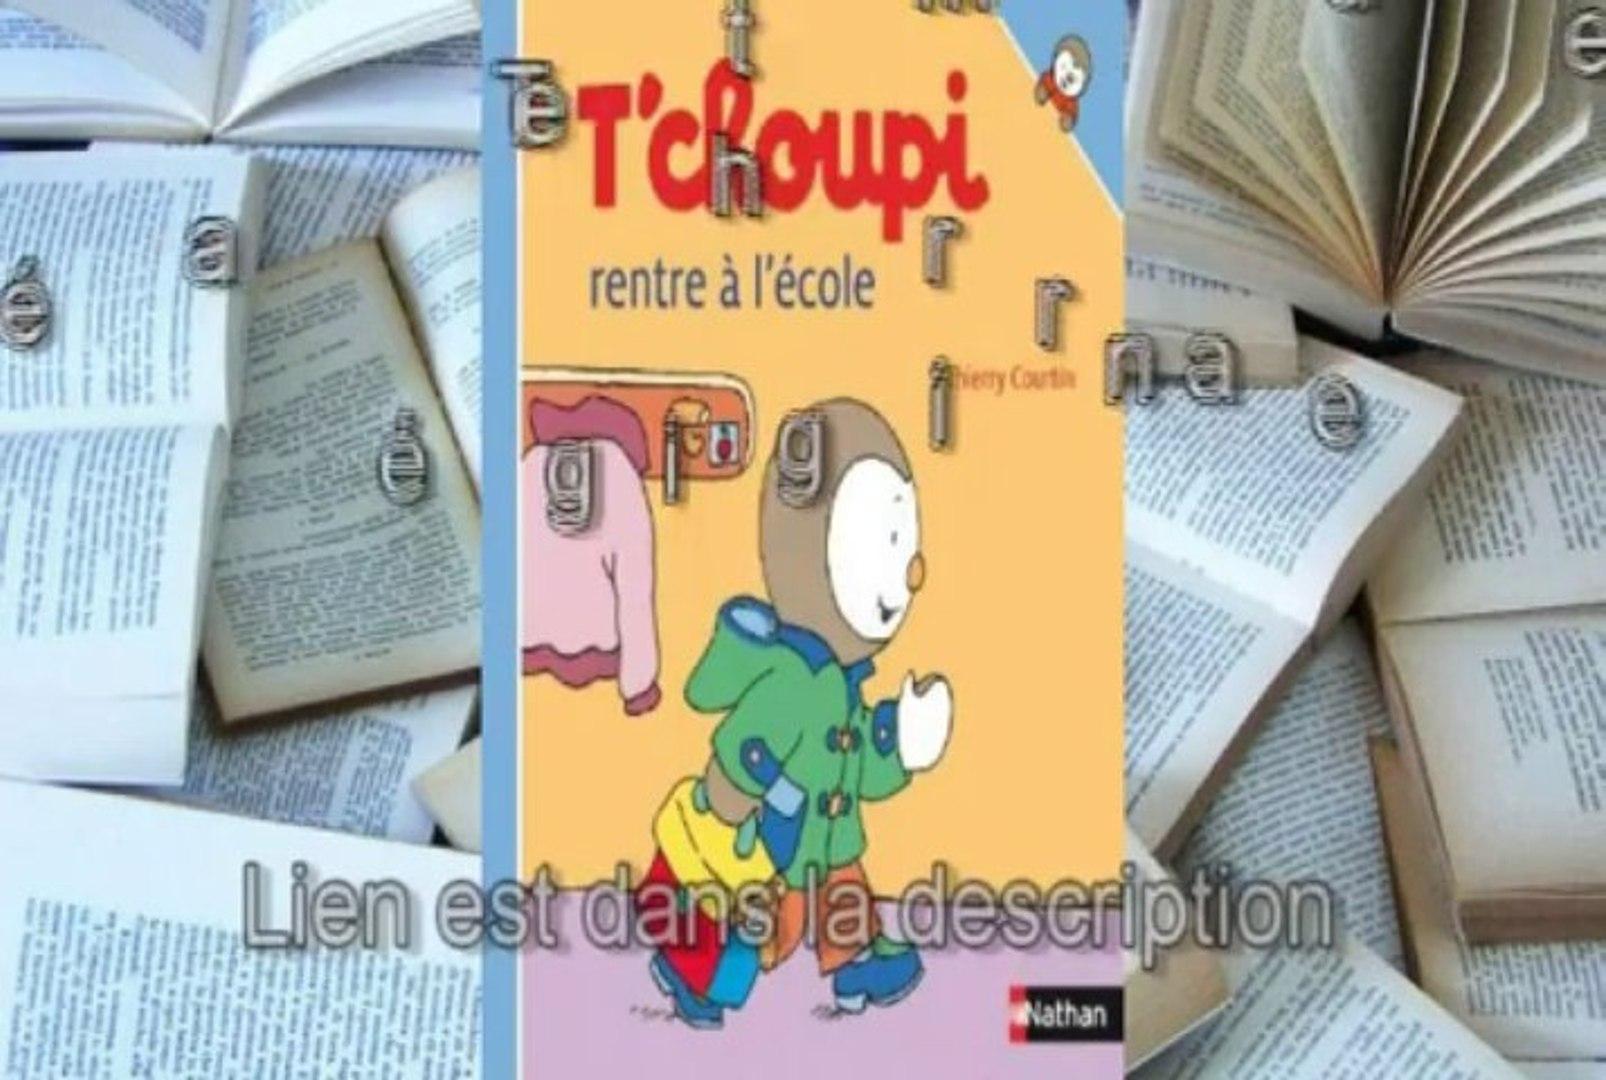 Telecharger Gratuit T Choupi Rentre A L Ecole De Thierry Courtin